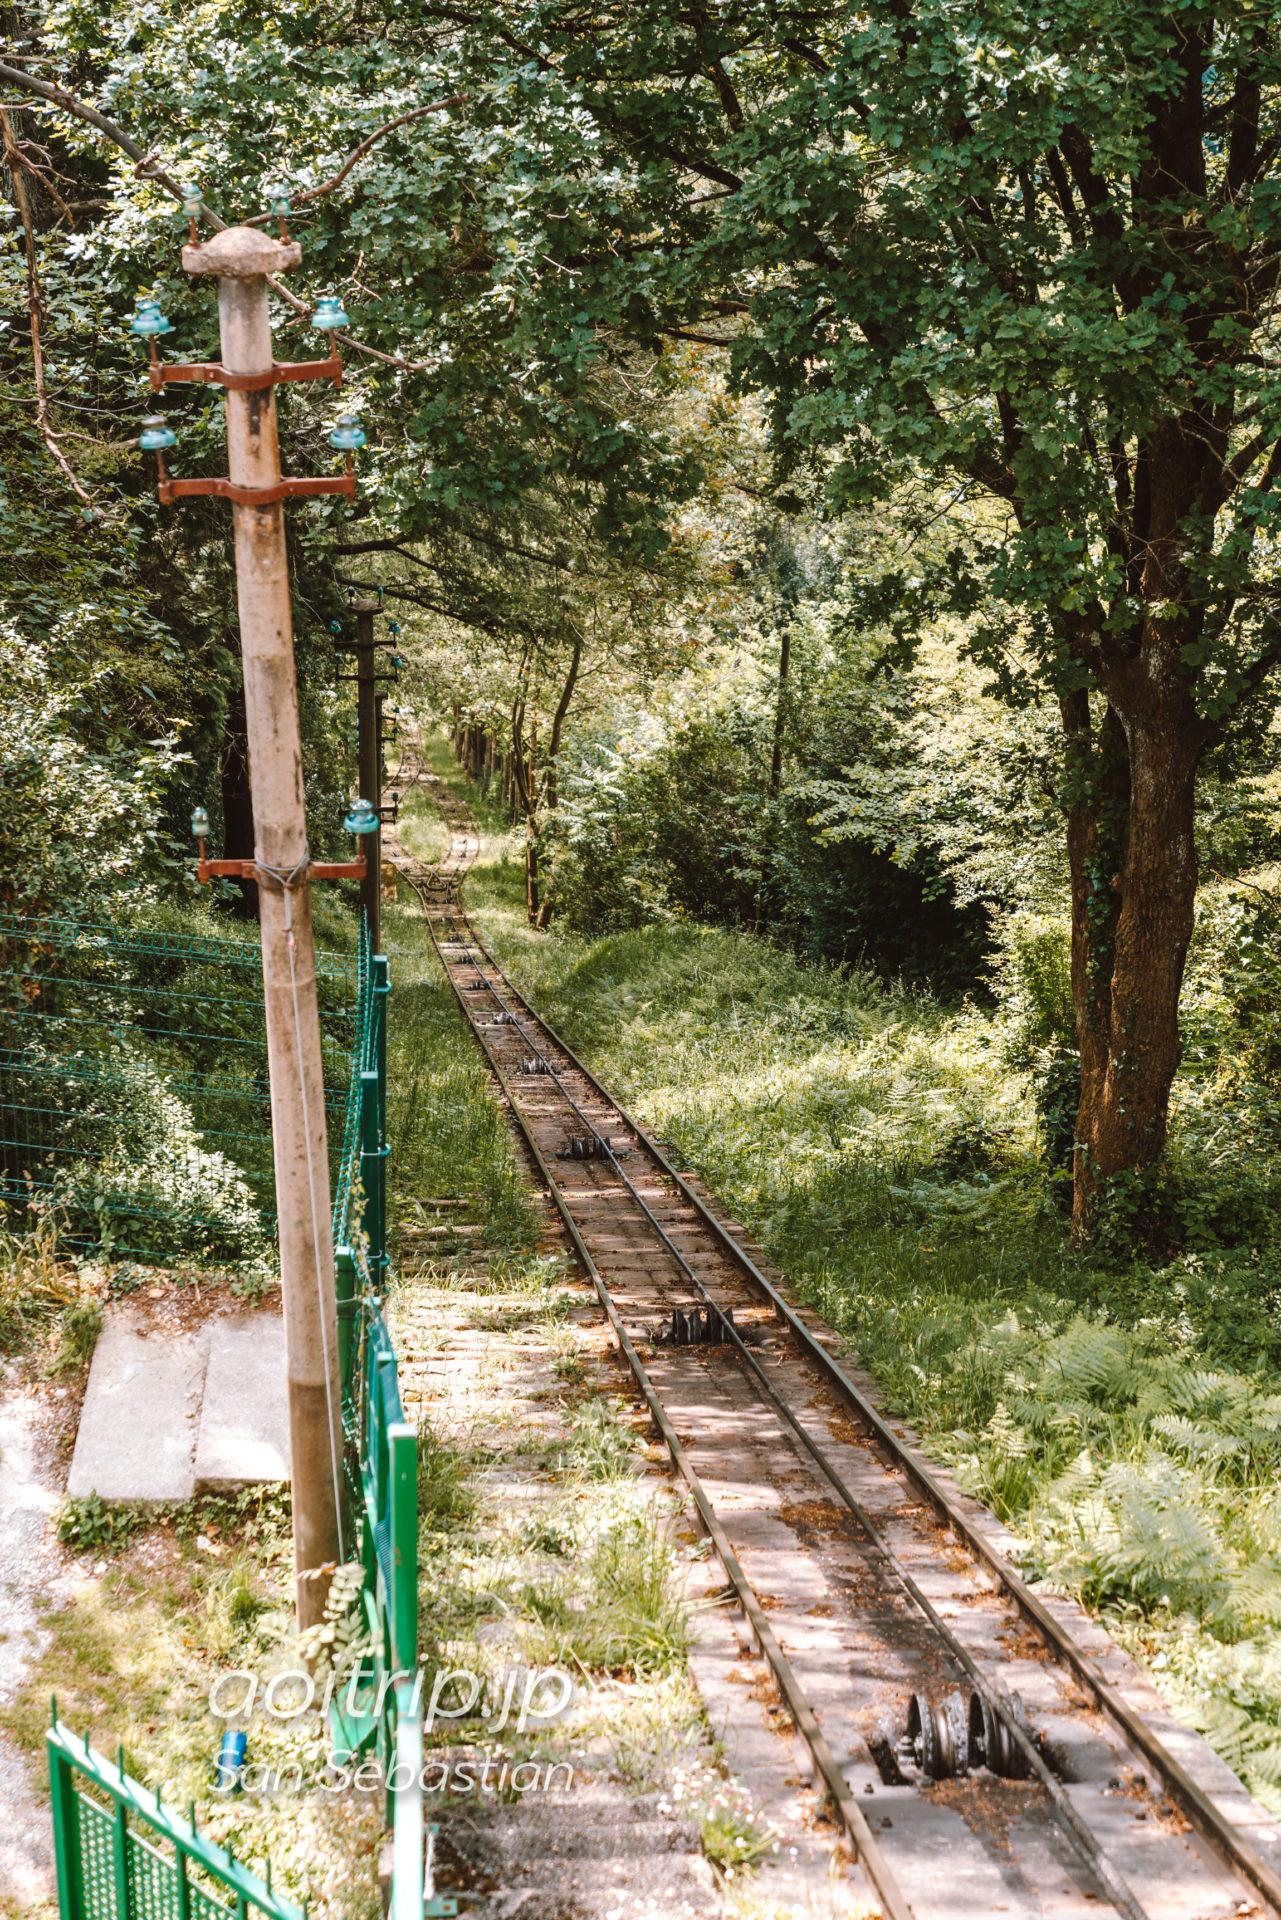 サンセバスティアン モンテイゲルドのケーブルカー線路